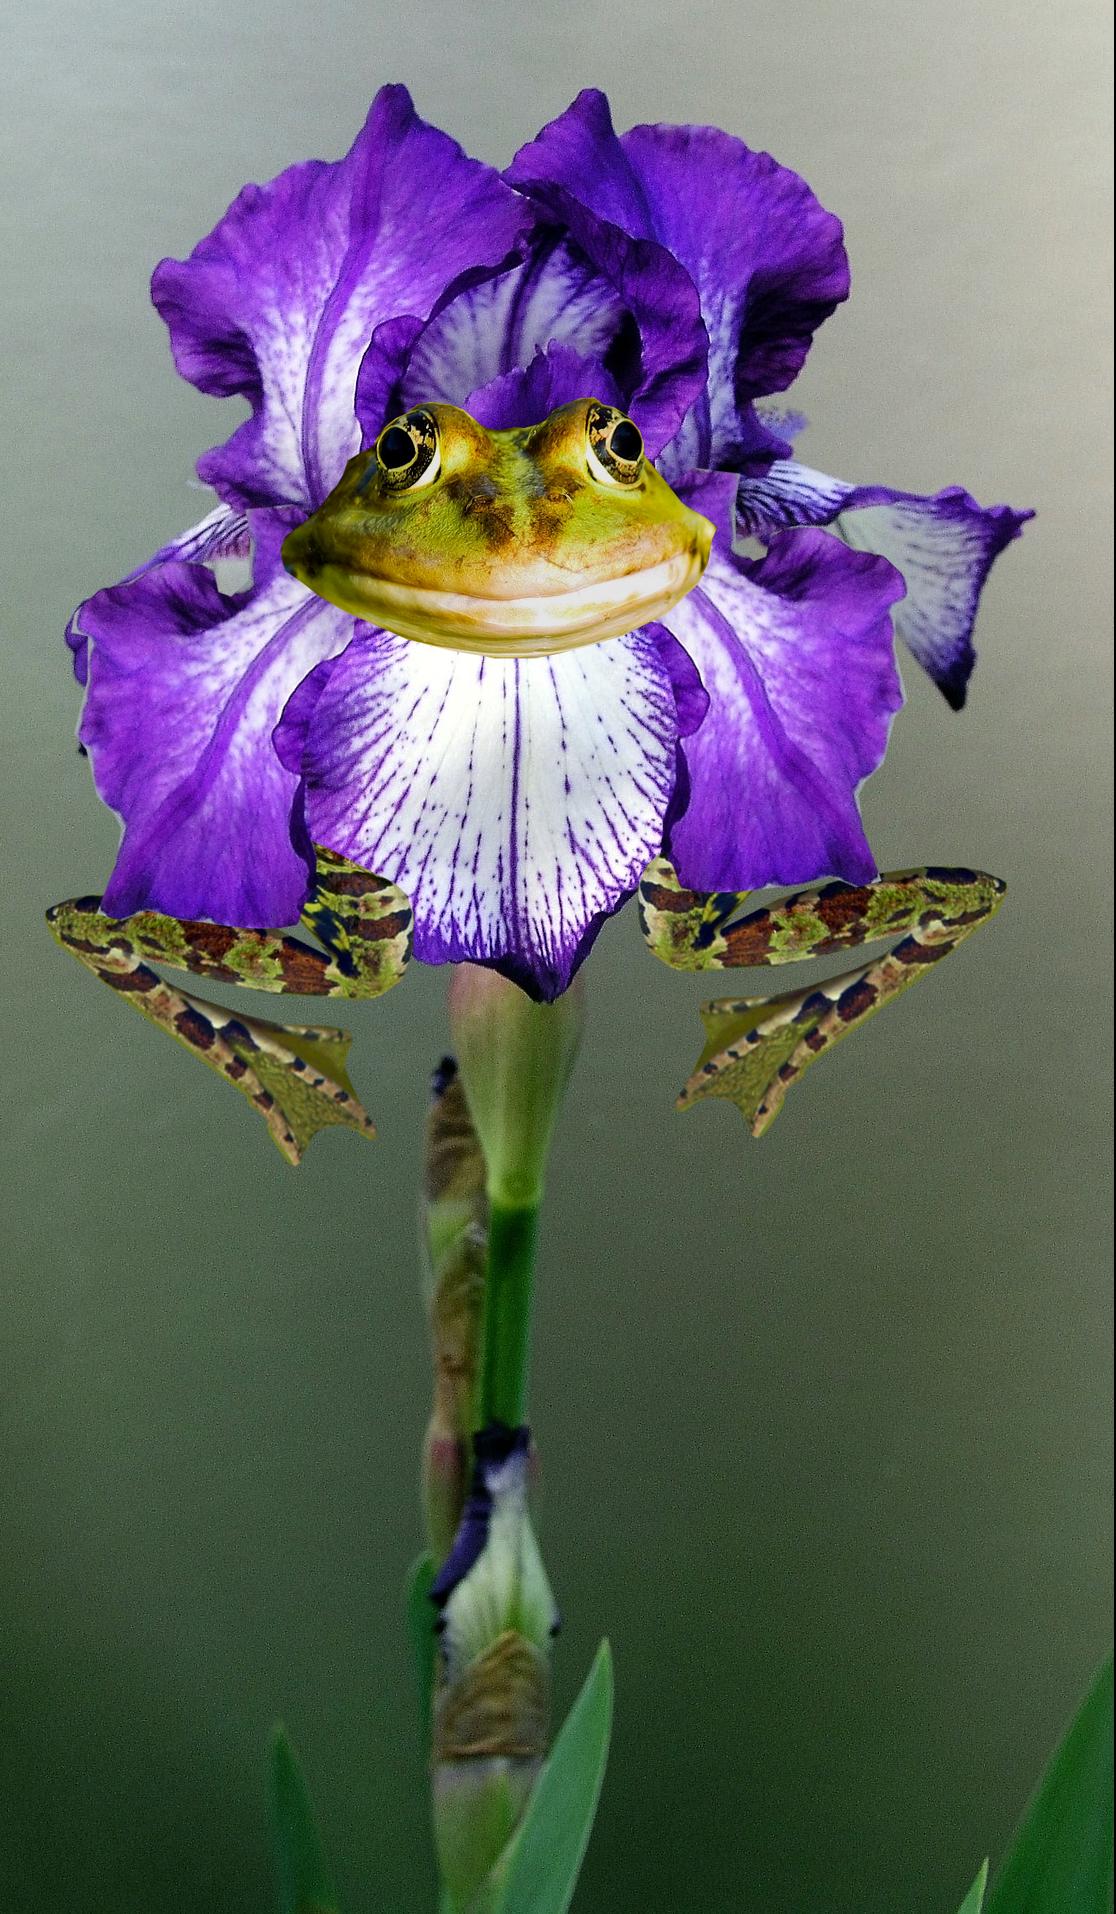 frog-flower-2.png